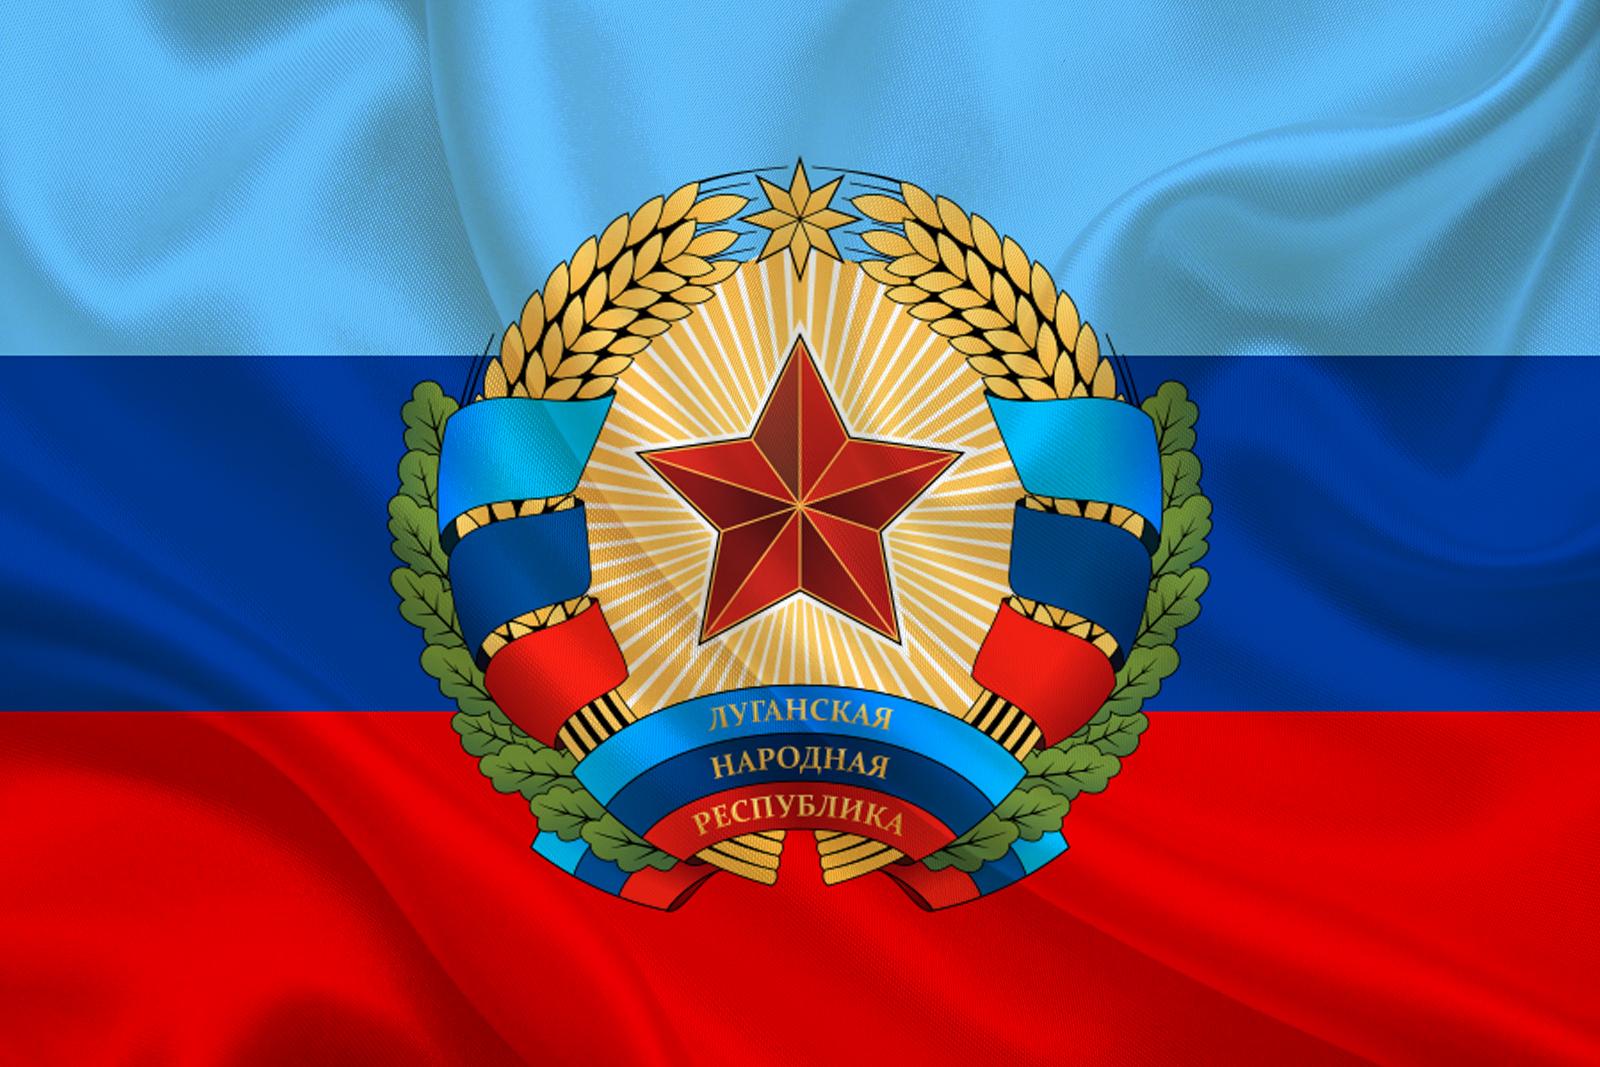 герб и флаг лнр картинки без которого